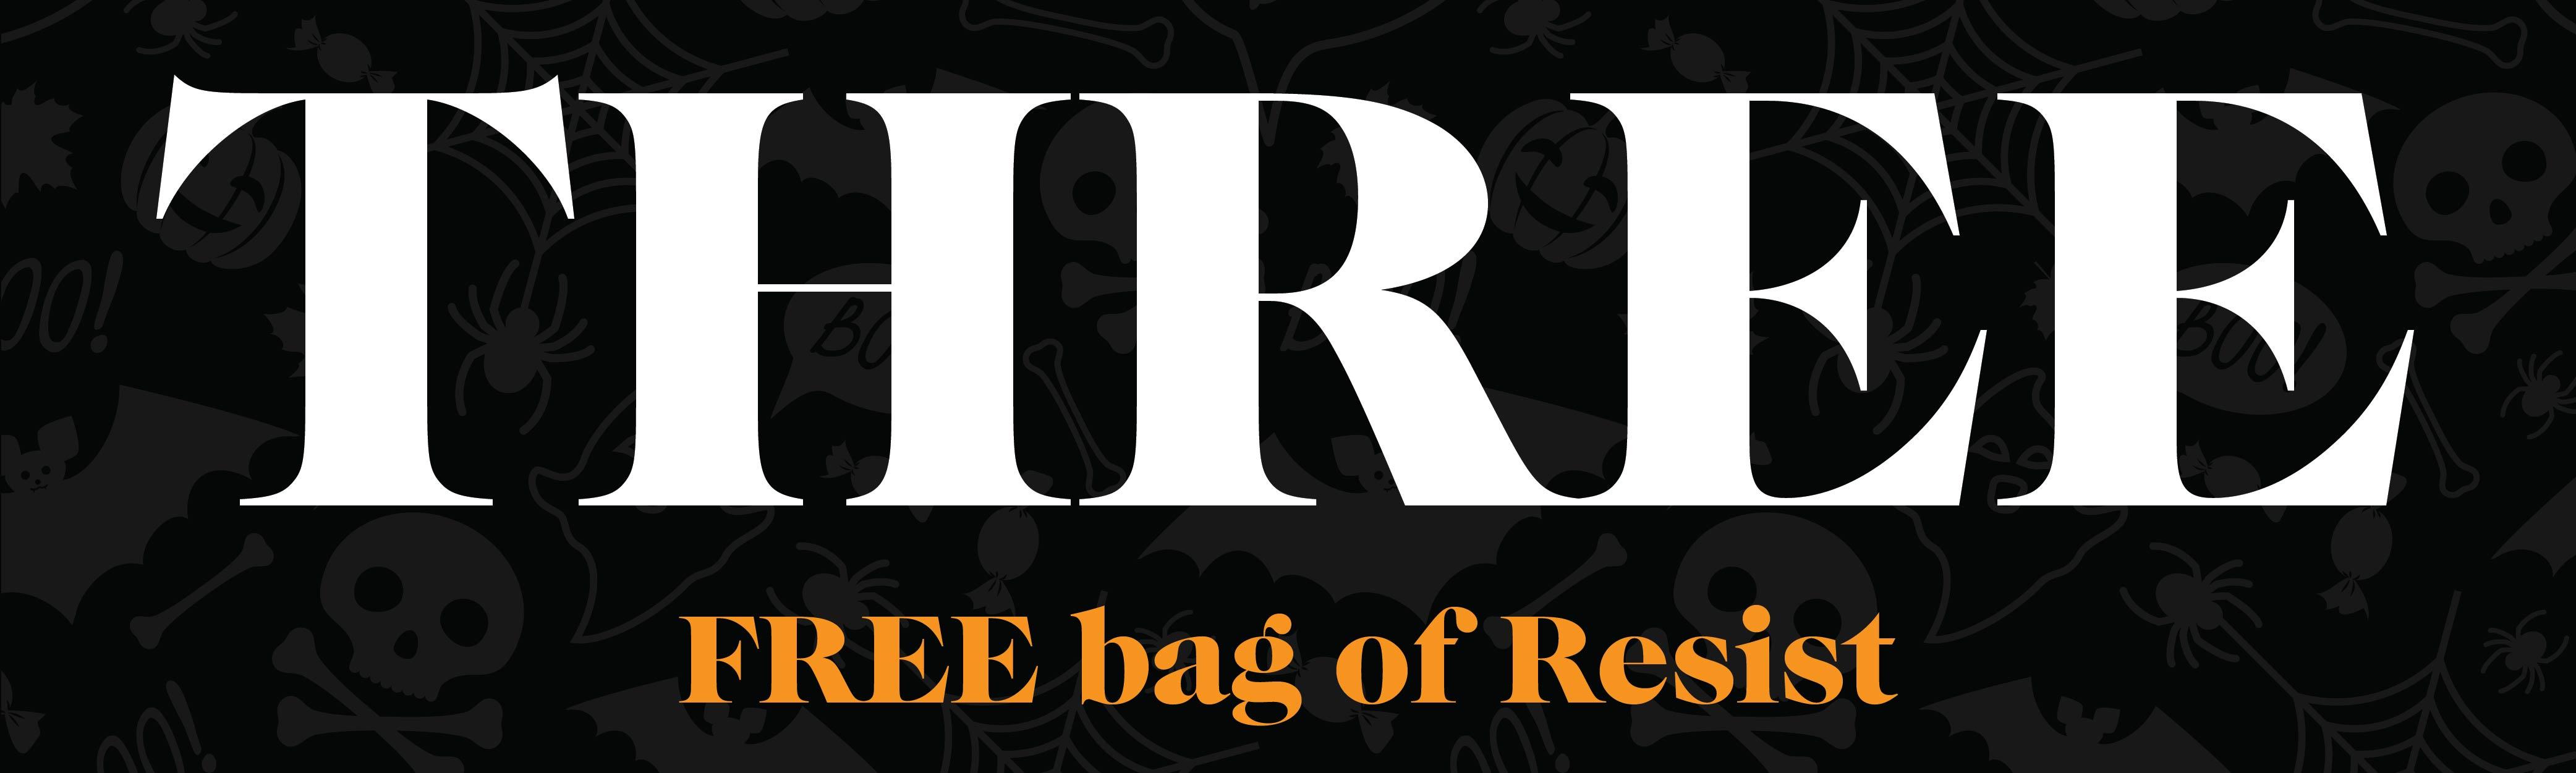 Free Bag of Resist